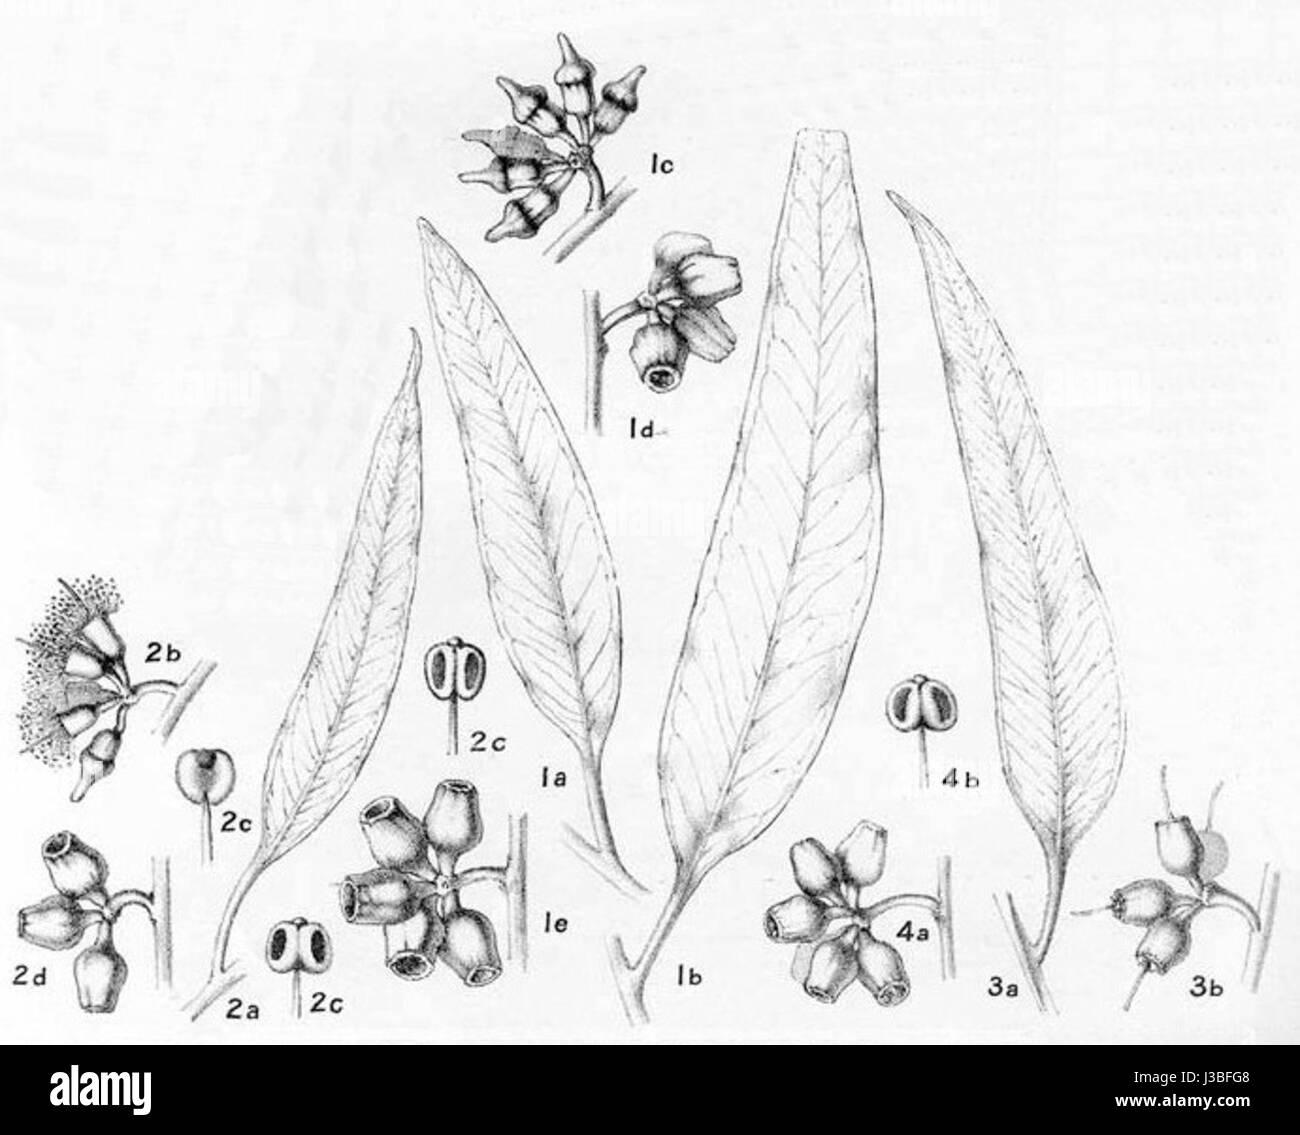 Eucalyptus flocktoniae00 - Stock Image